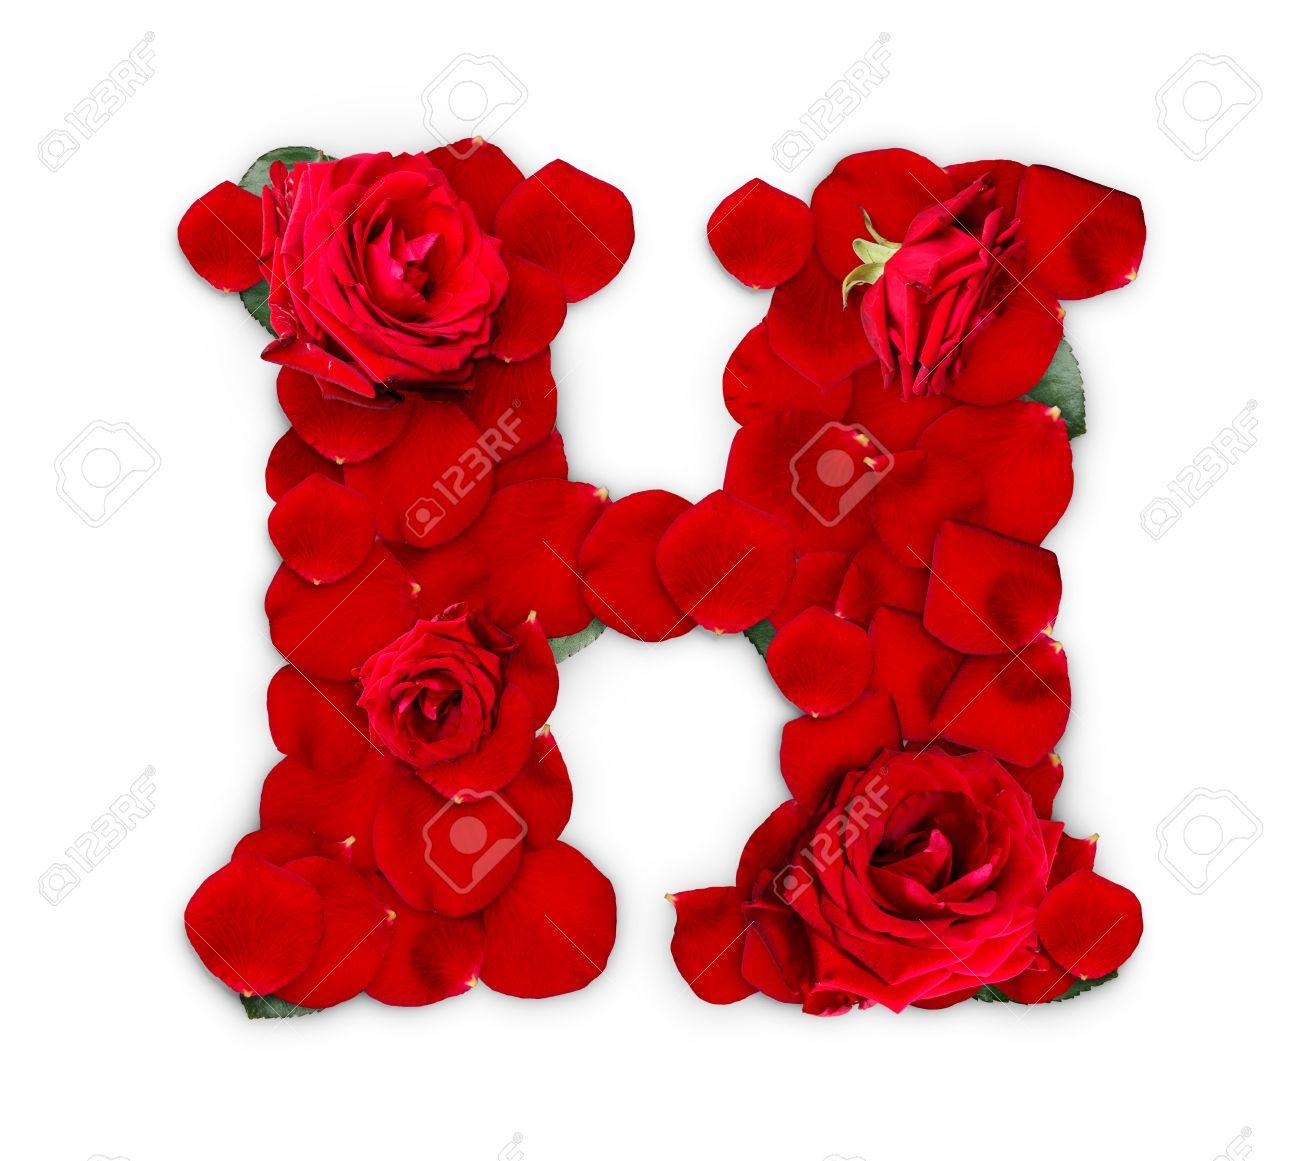 بالصور خلفيات حرف h , رمزيات حرف ال h جميله 2102 2